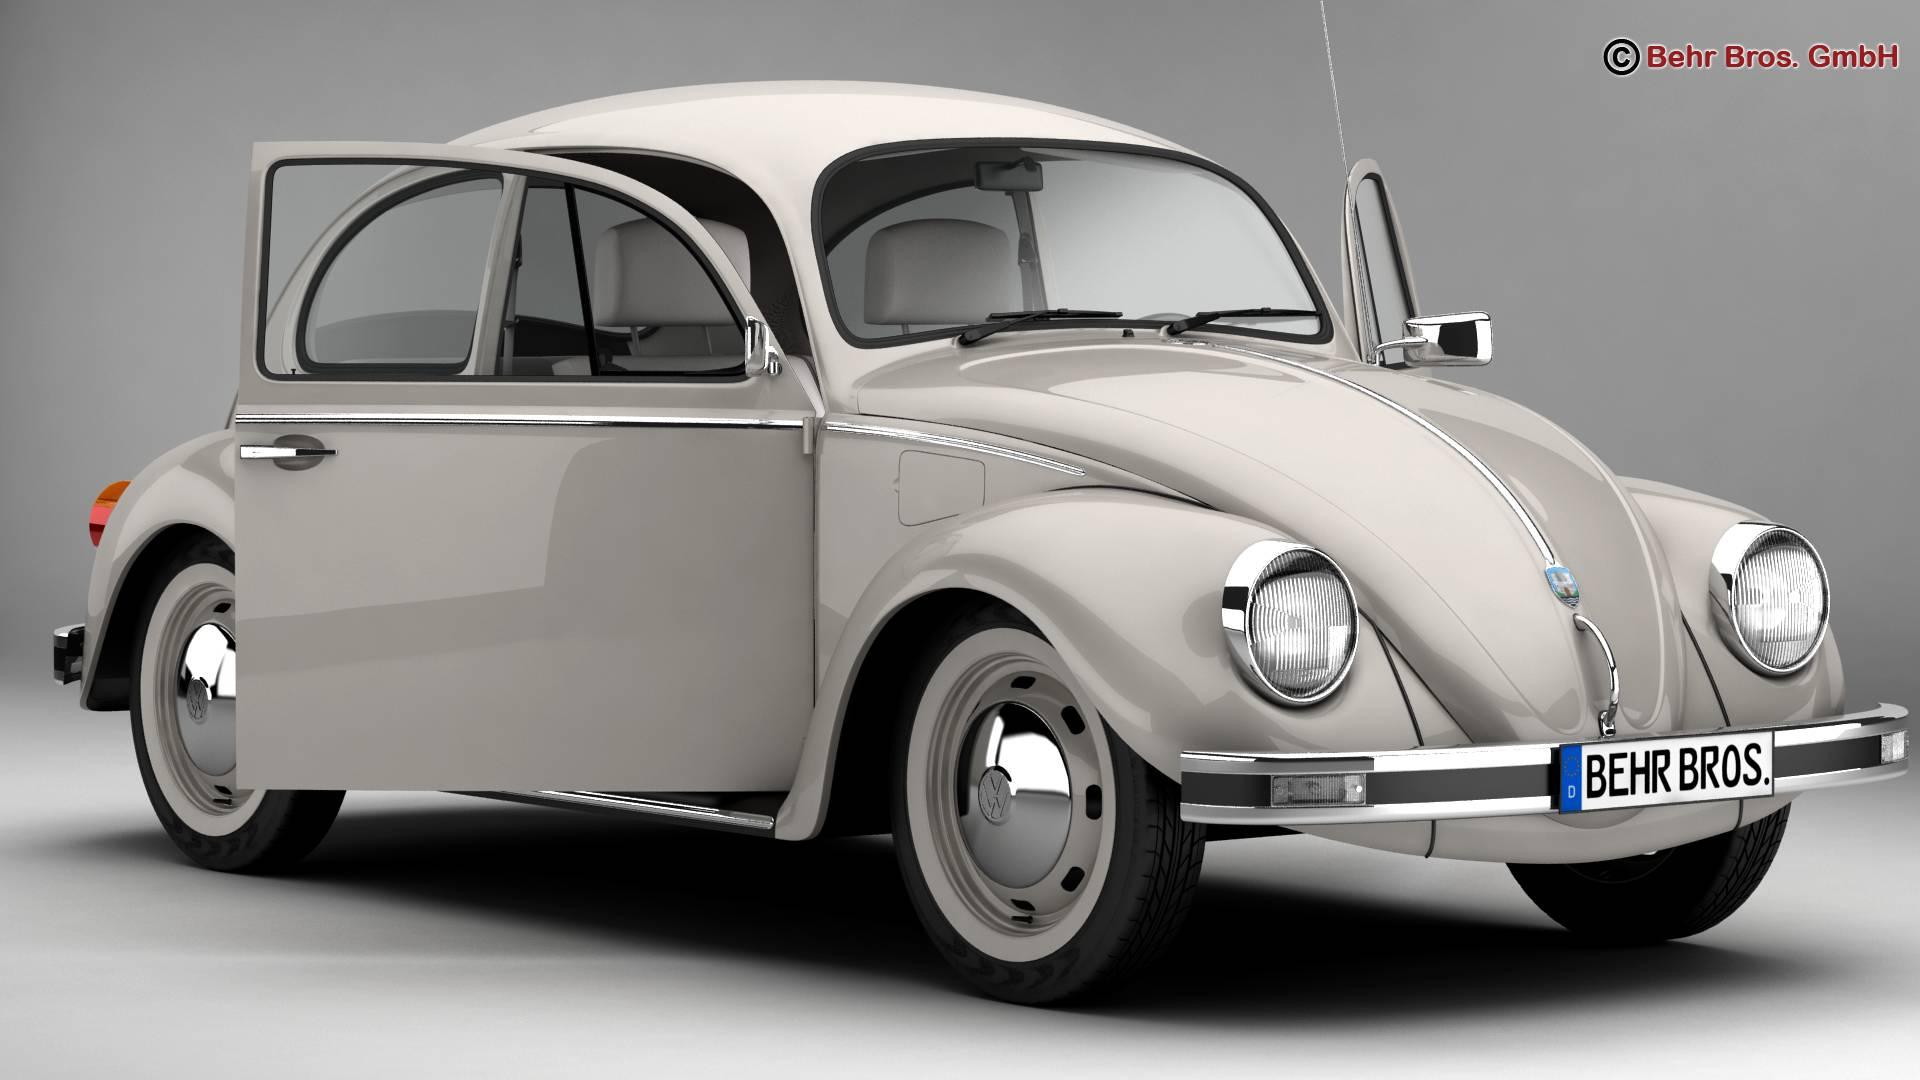 volkswagen beetle 2003 ultima edicion 3d model 3ds max fbx c4d lwo ma mb obj 220879